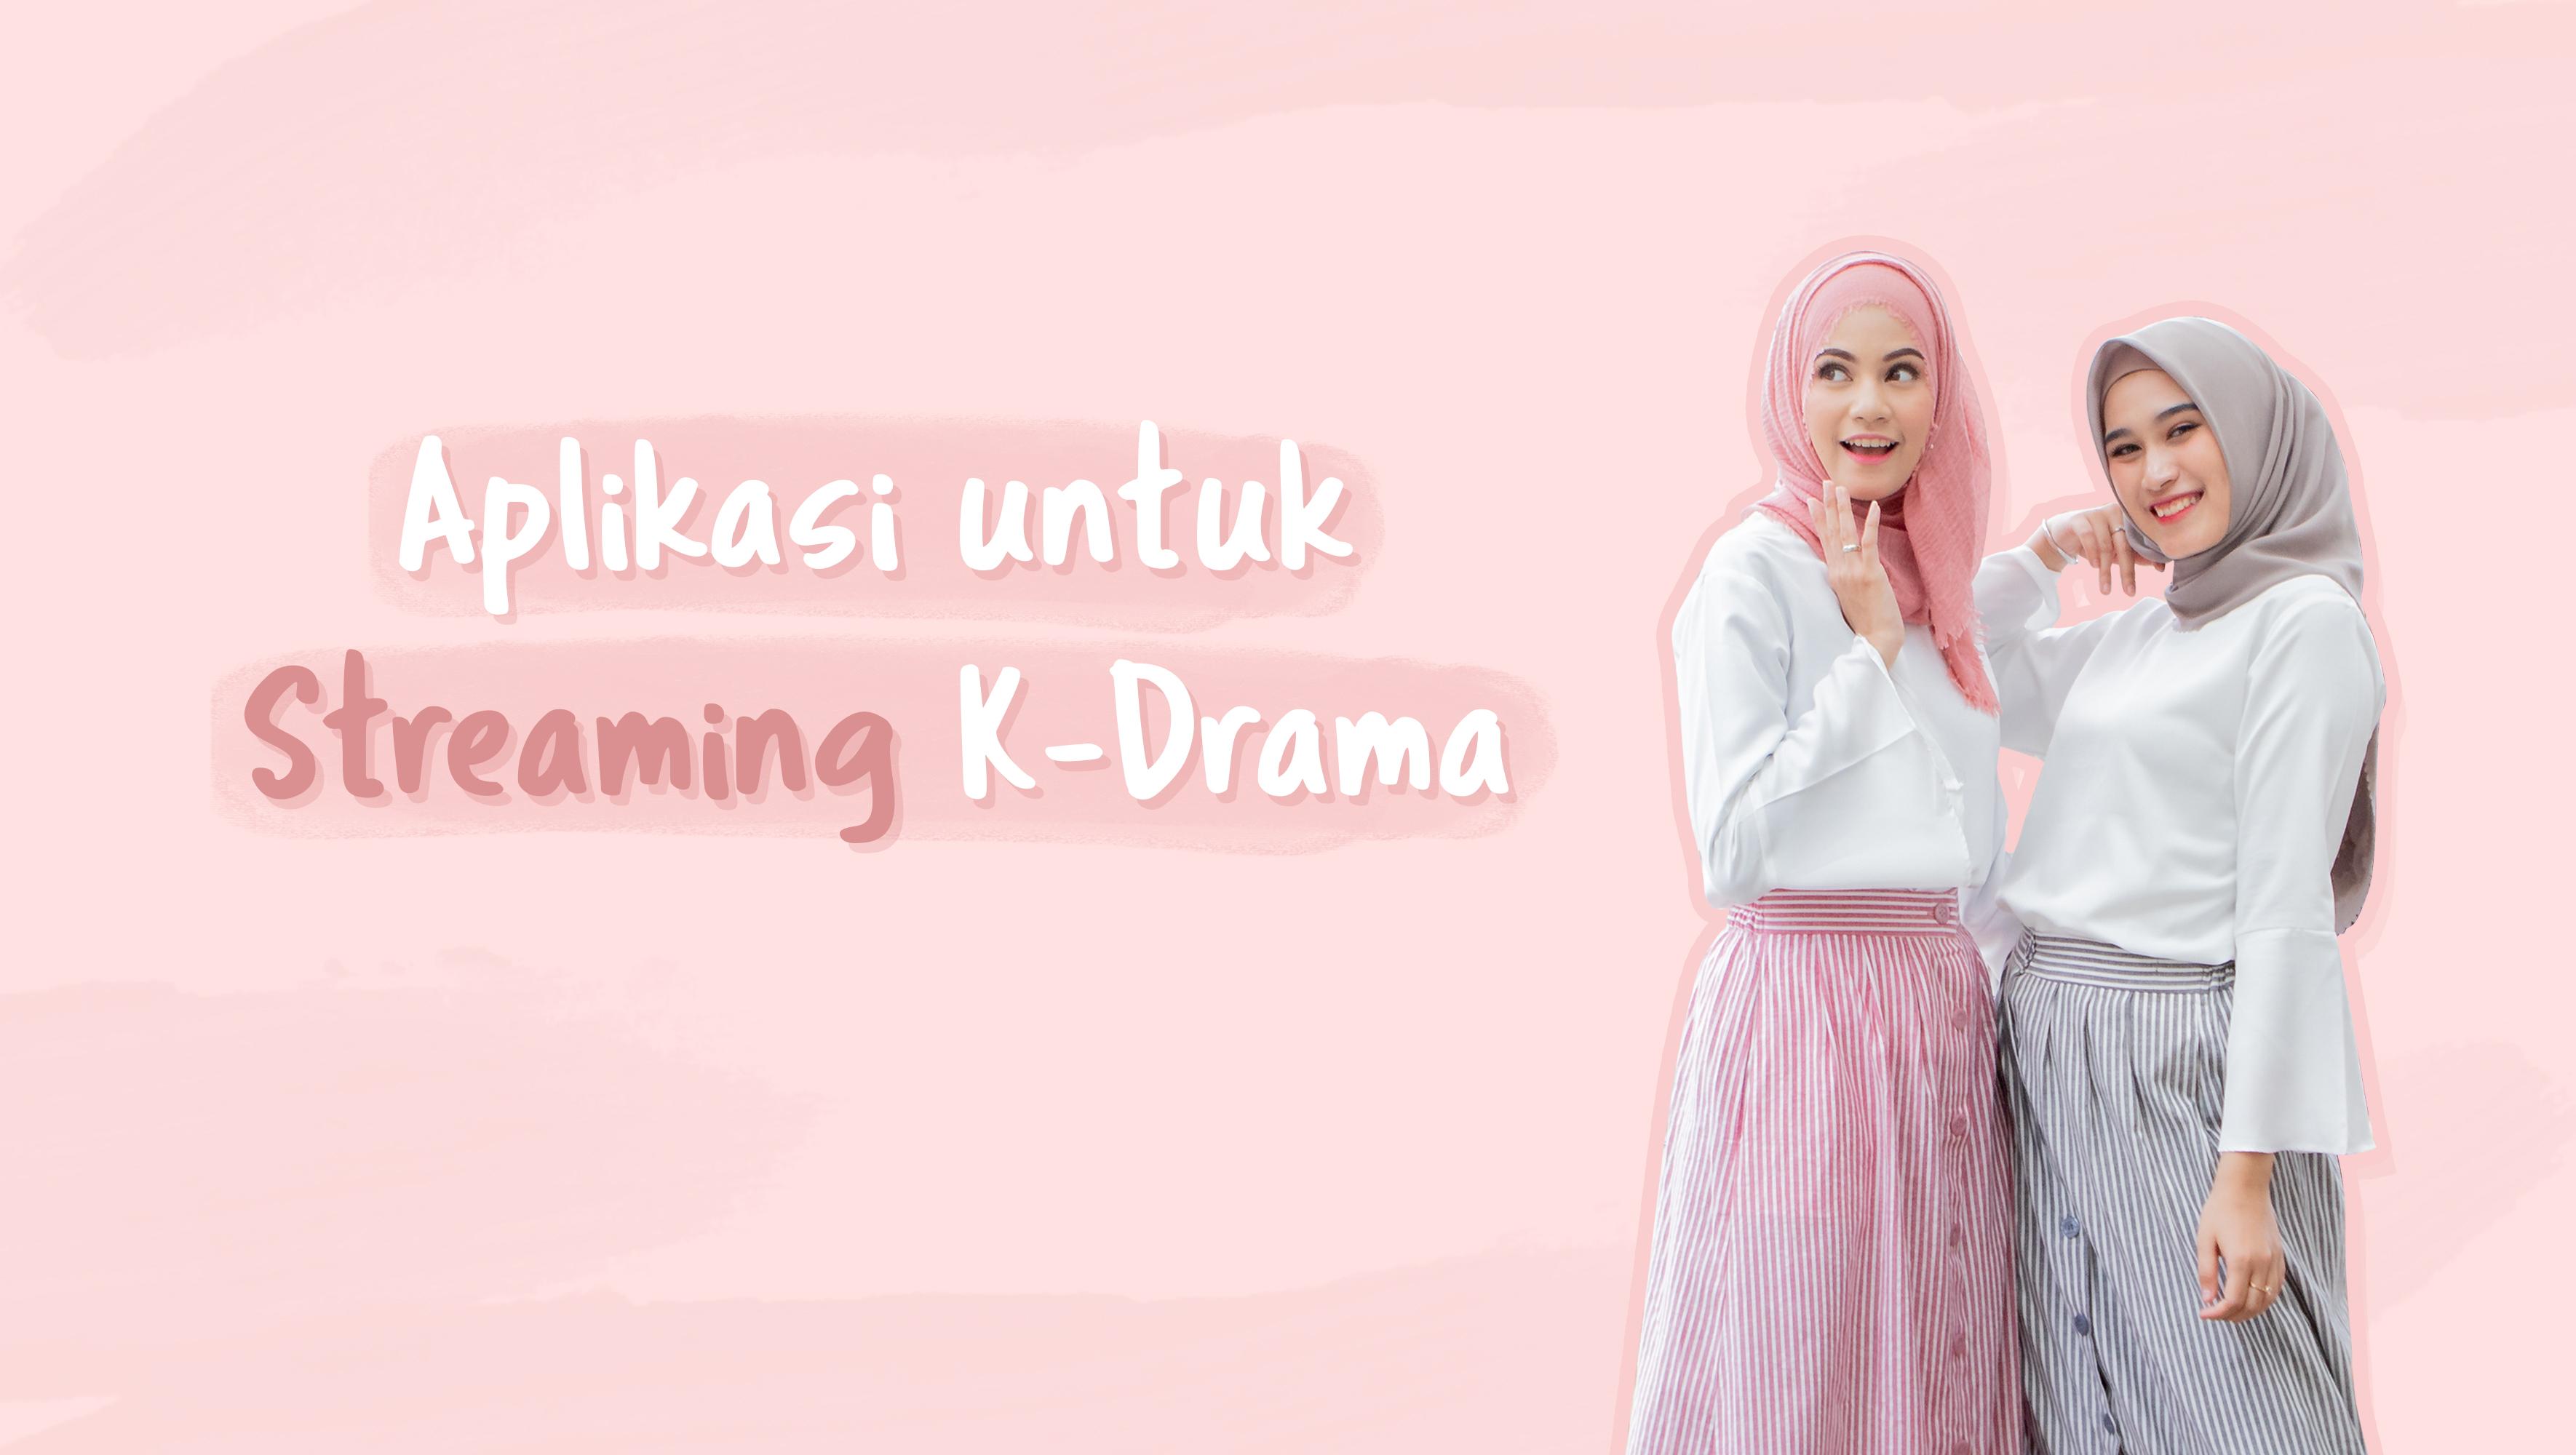 Aplikasi untuk Streaming K-Drama image